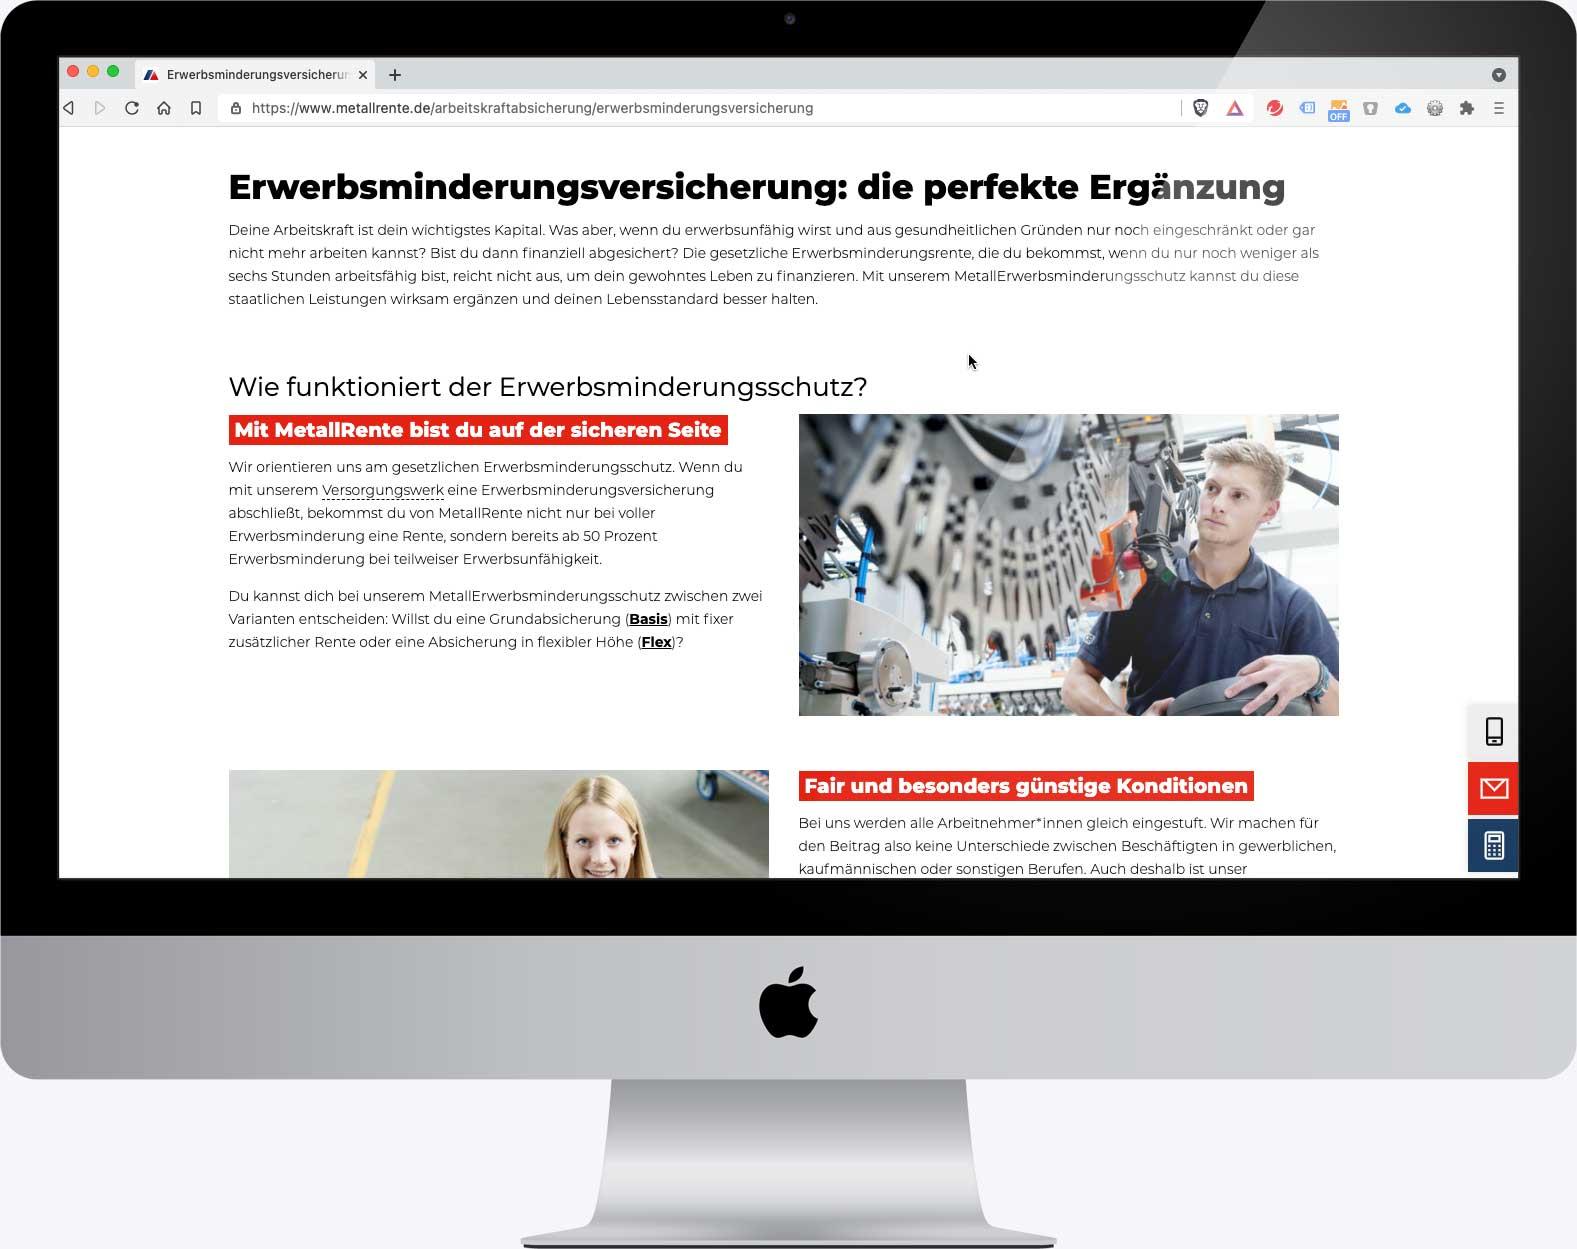 Themenseite im Internetauftritt www.metallrente.de